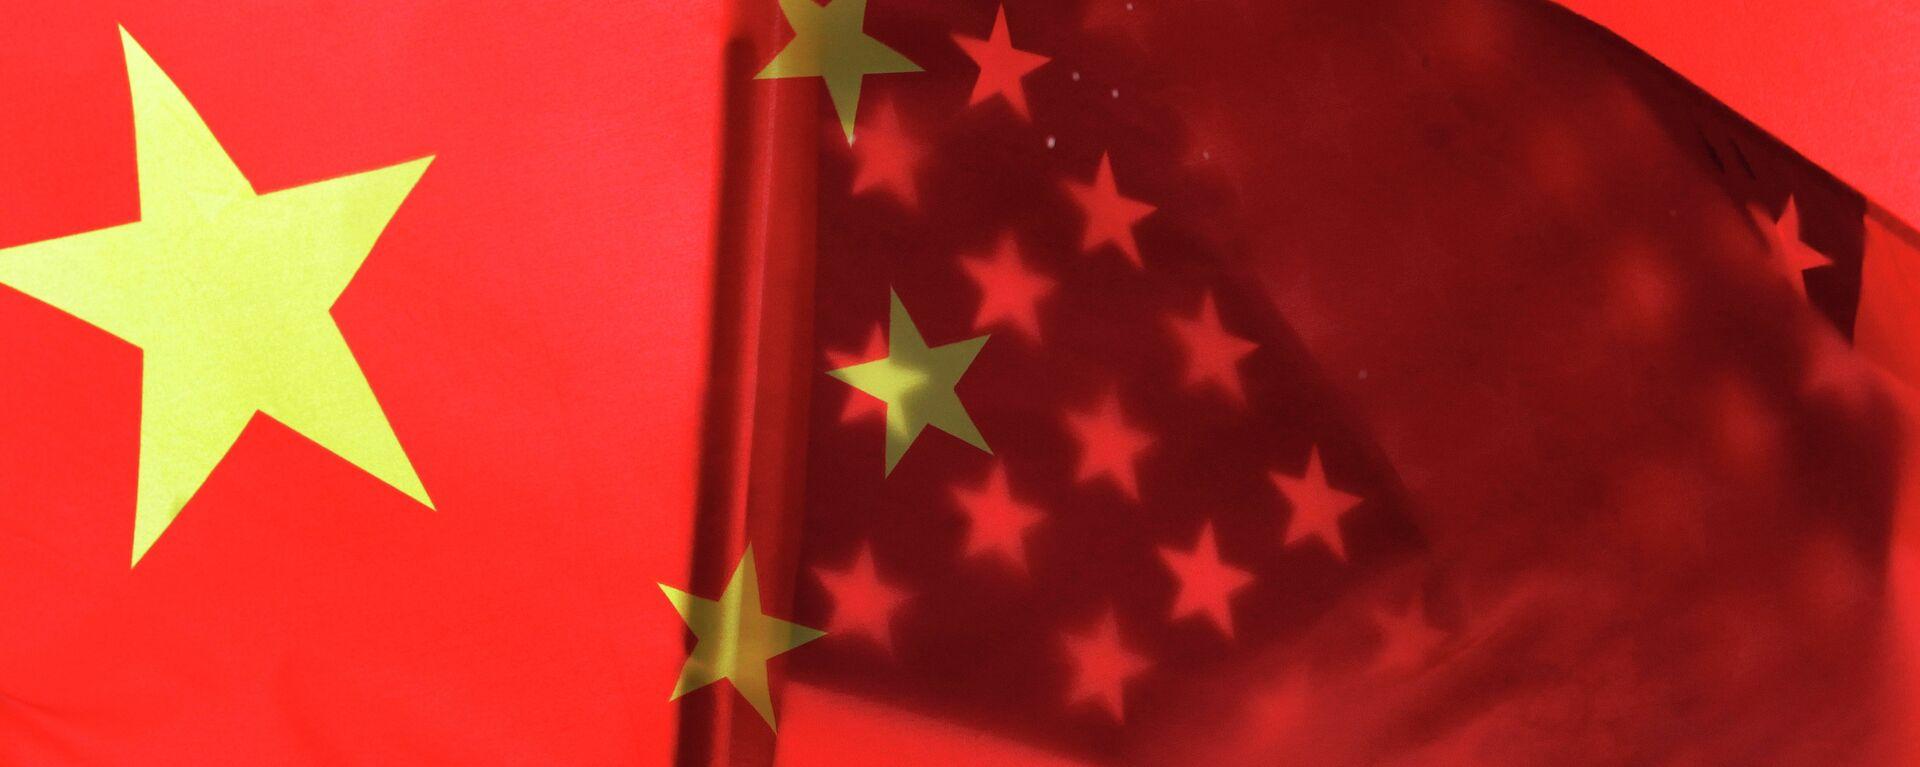 Banderas de China y EEUU - Sputnik Mundo, 1920, 17.03.2021